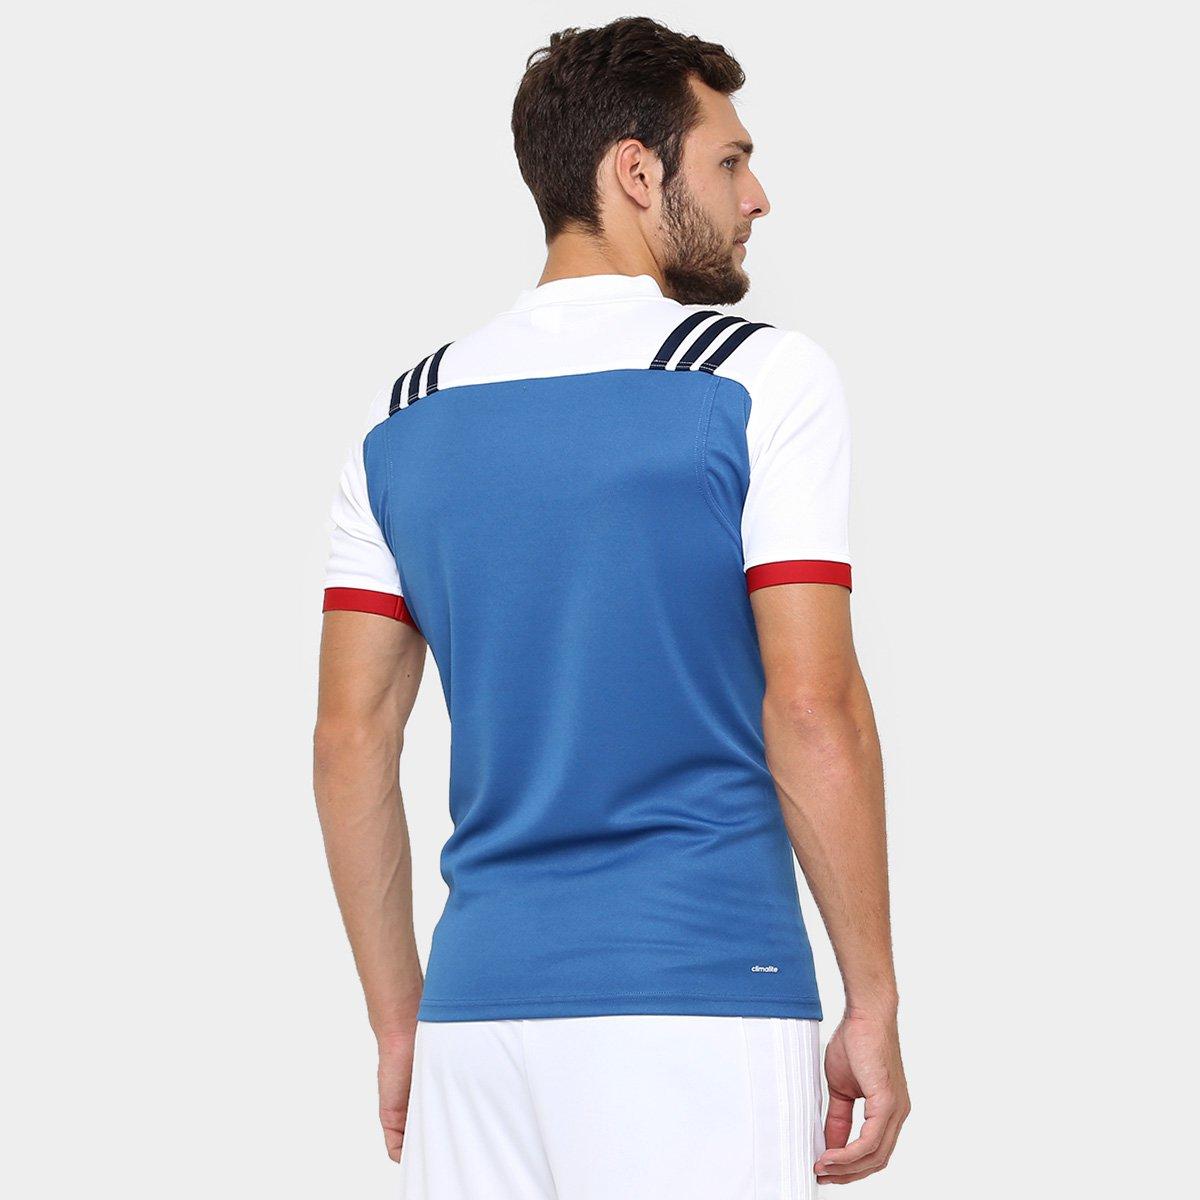 Adidas Rugby Home: Camisa Adidas Rugby Jogo FFR Home 7 - Compre Agora